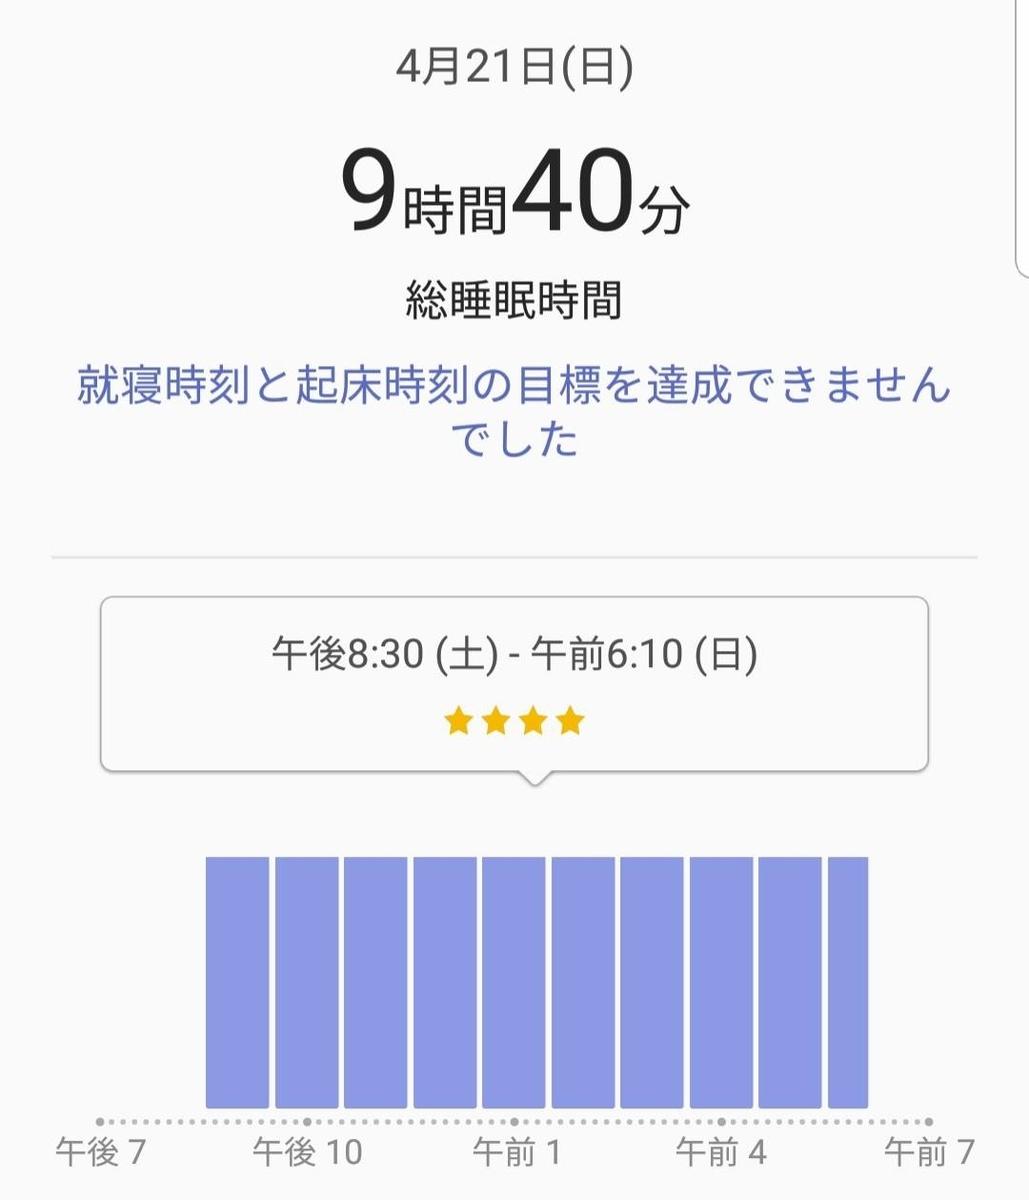 f:id:Sweetapples:20190423000132j:plain